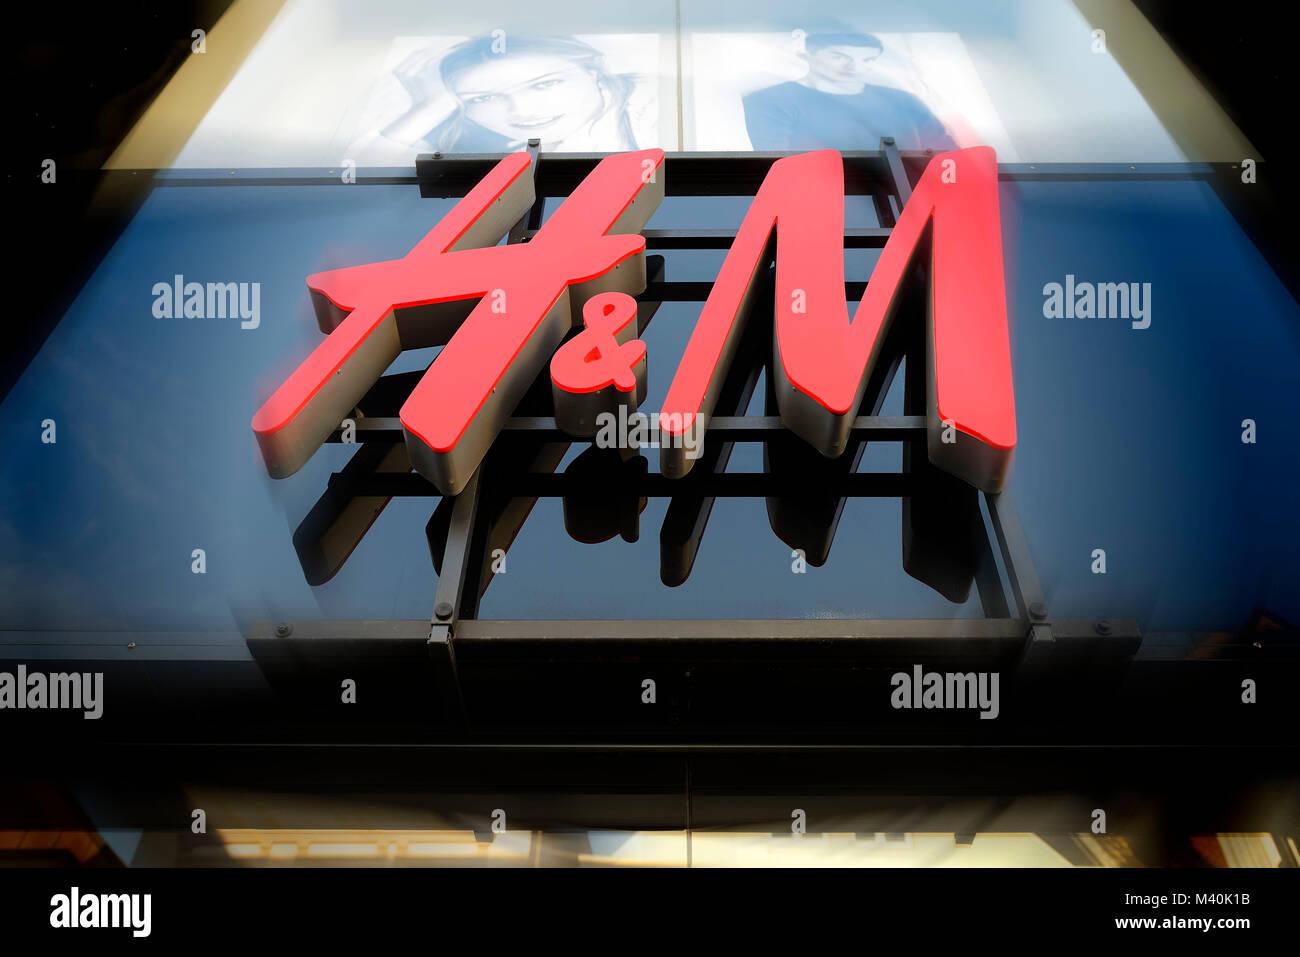 Sign at a branch of the H&M Fashion Group in Hamburg, Schild an einer Filiale des Modekonzerns H&M in Hamburg - Stock Image